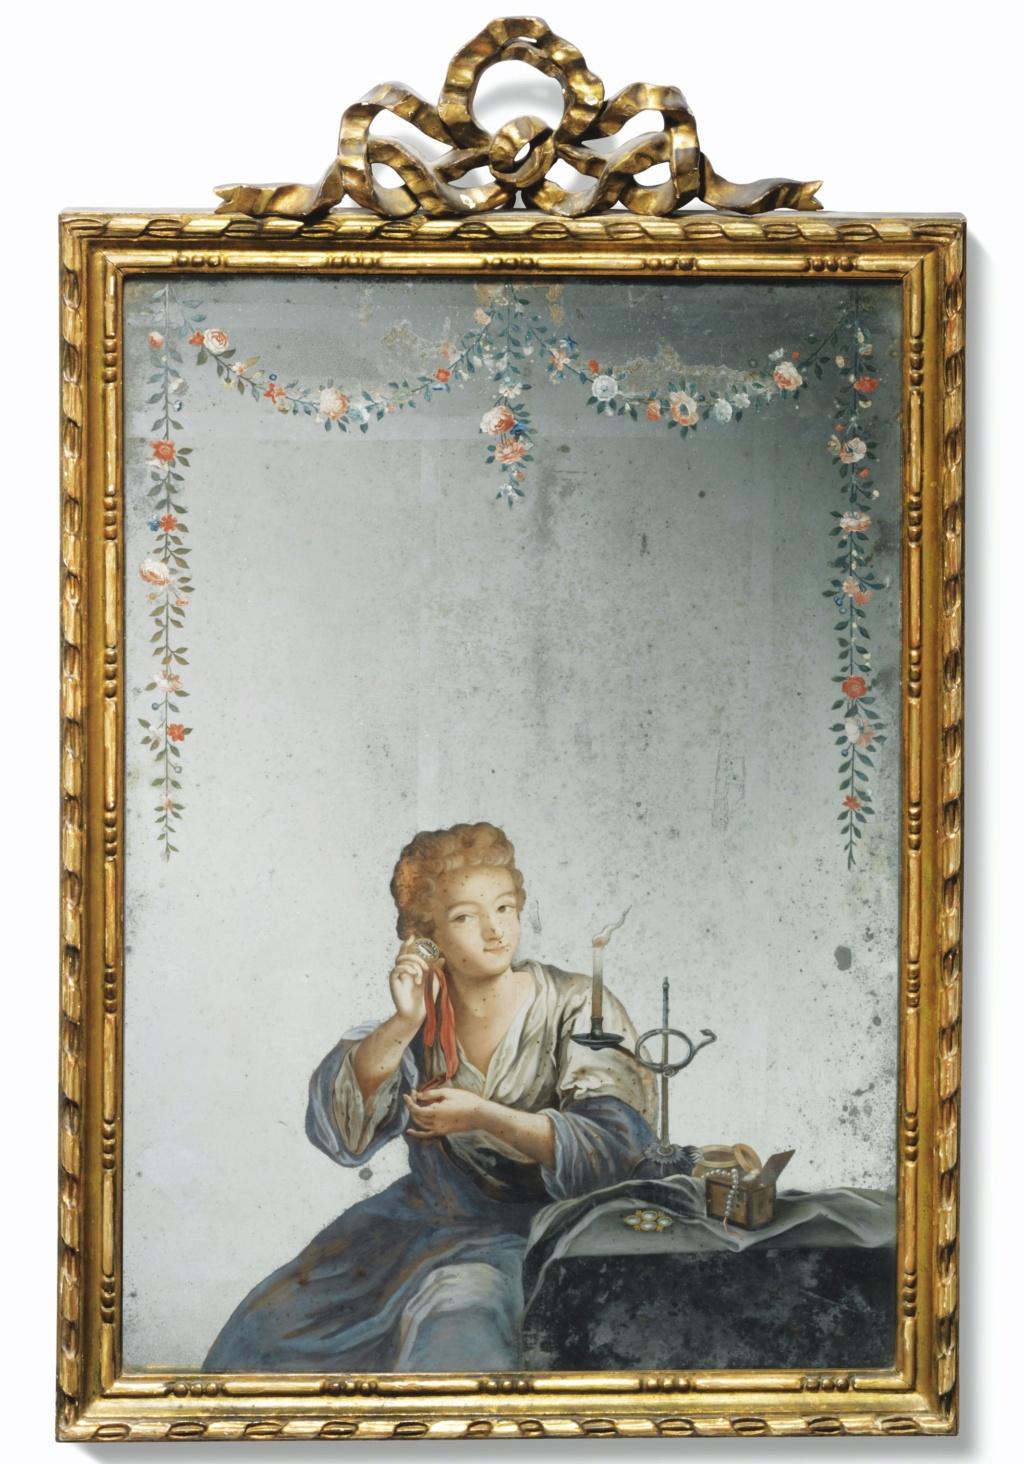 La peinture sous / sur verre chinoise au XVIIIe siècle 2020_c18